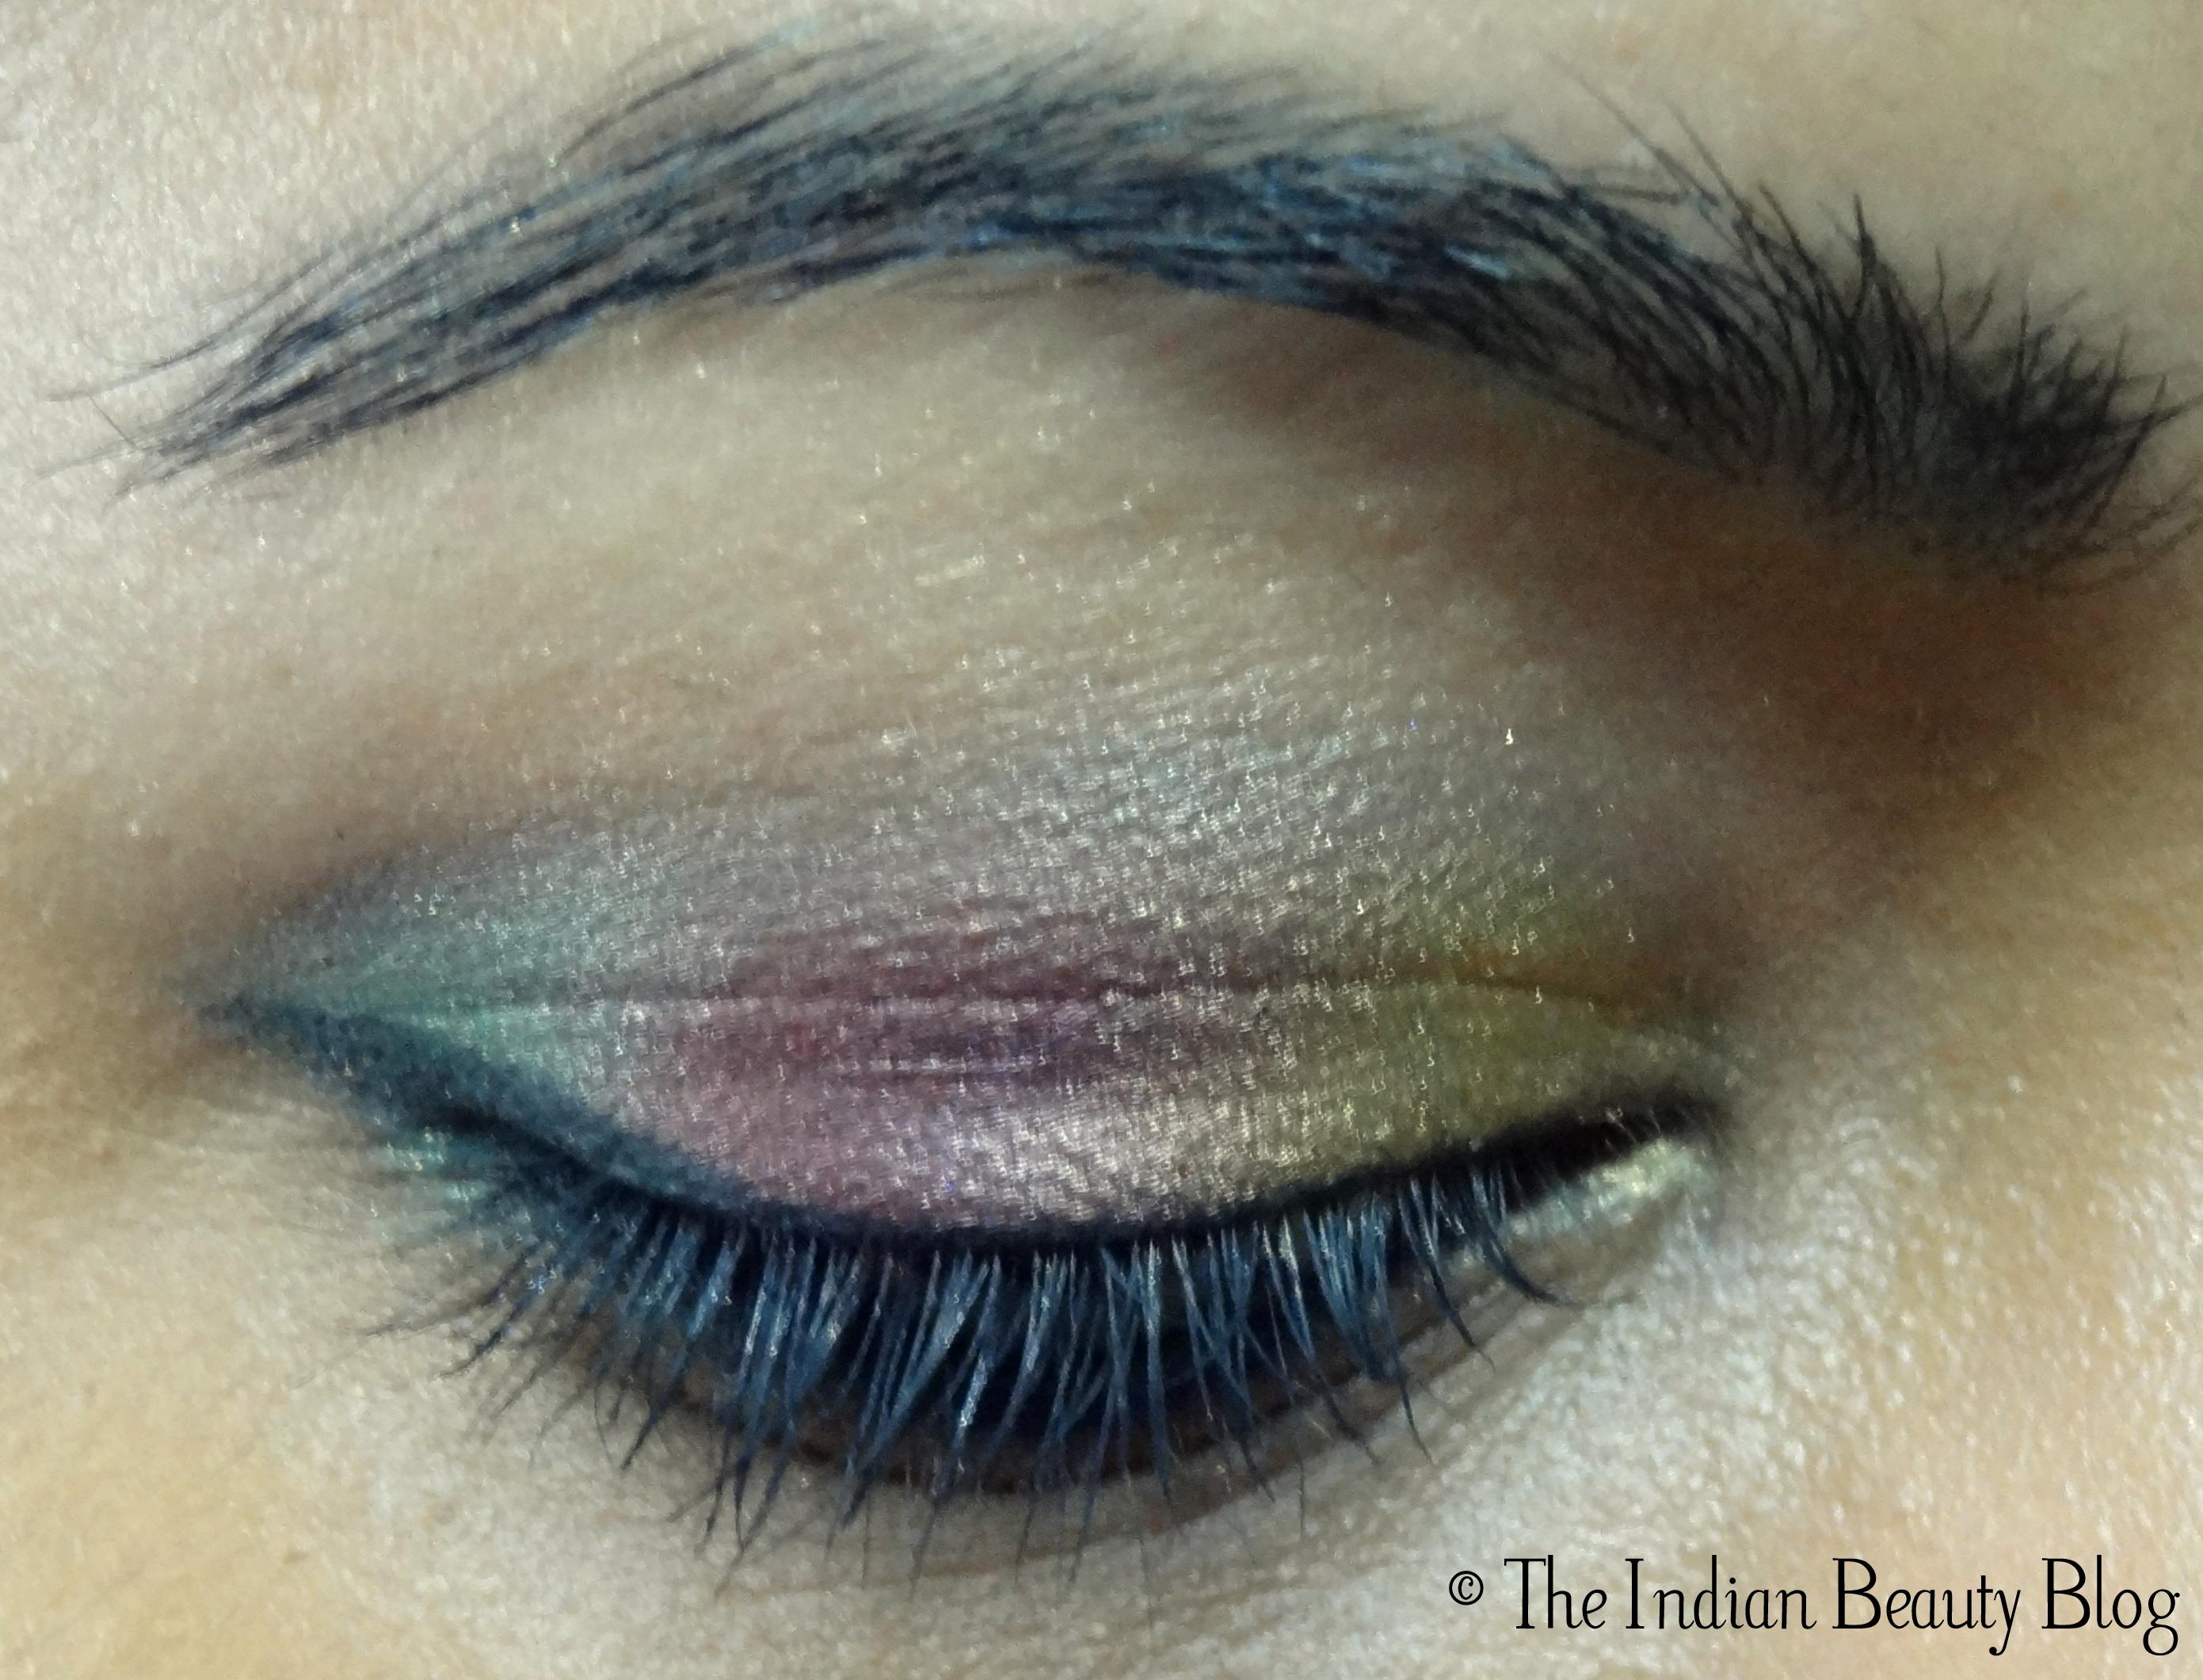 Wedding Eye Makeup Hooded Eyes : 30 days eye makeup challenge: Look #15 - The Indian ...